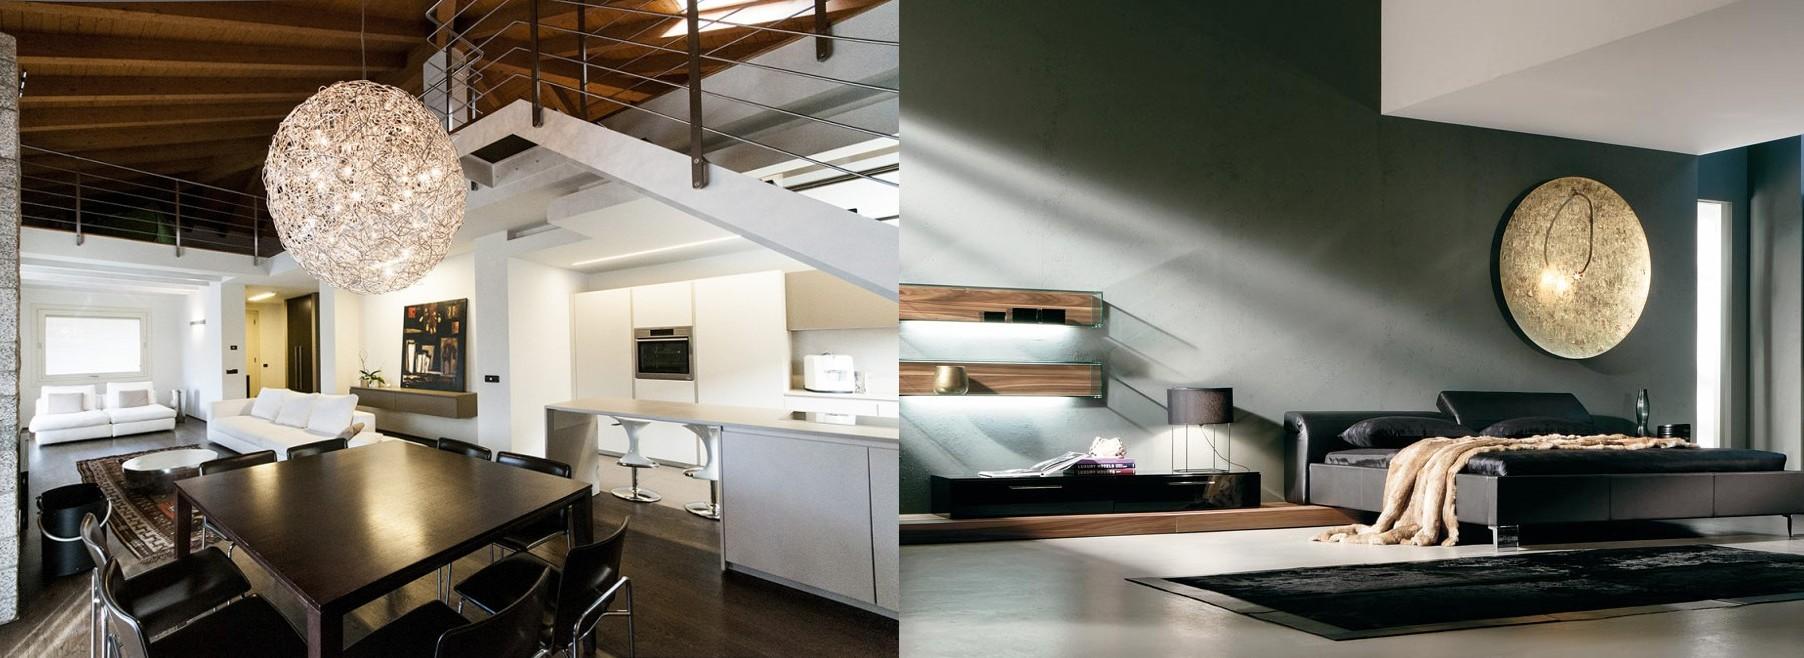 Rocco Illuminazione Brescia. Illuminazione per interni ed esterni